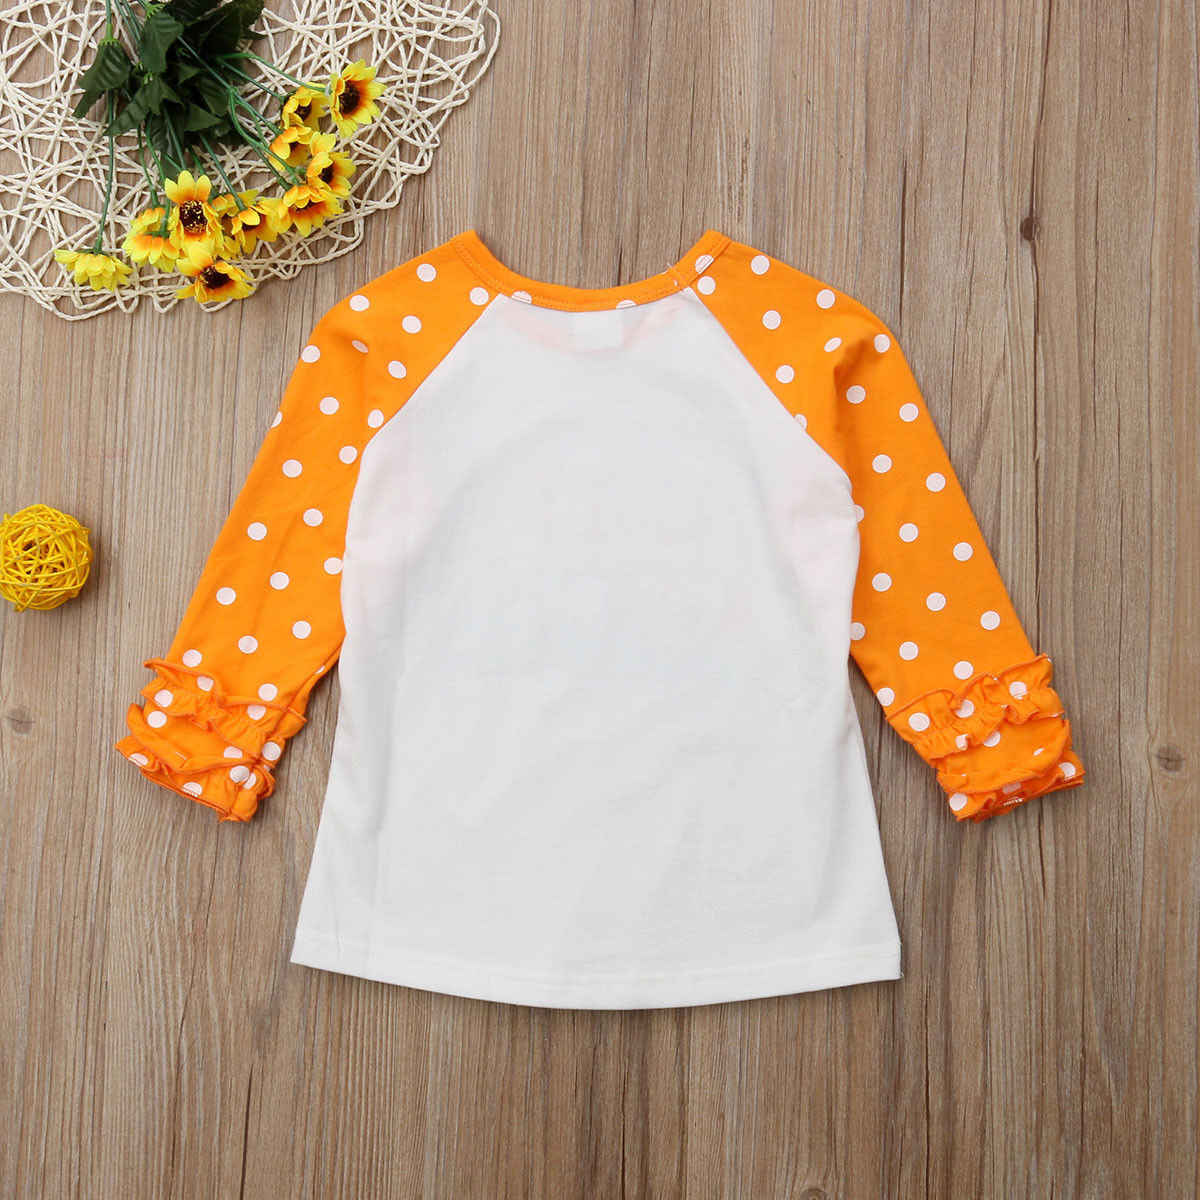 Peuter Baby Kids Meisje Leuke Polka Dot Ruffle Lange Mouwen Katoen Pompoen T-shirt Tops Tee Kleding